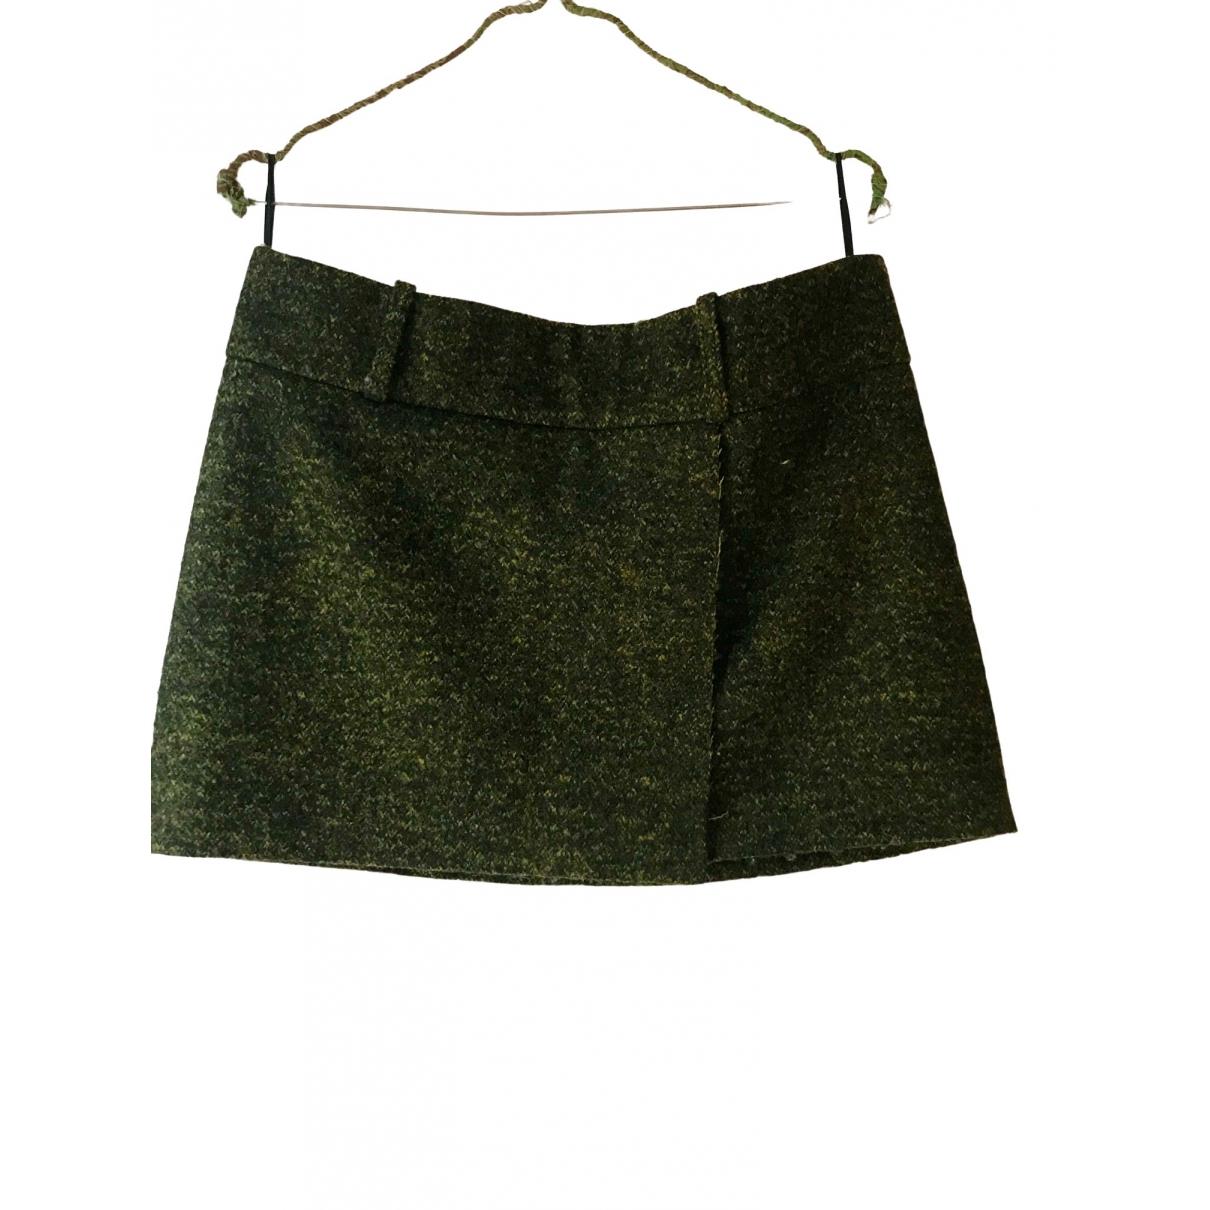 Acne Studios \N Green Wool skirt for Women 38 FR